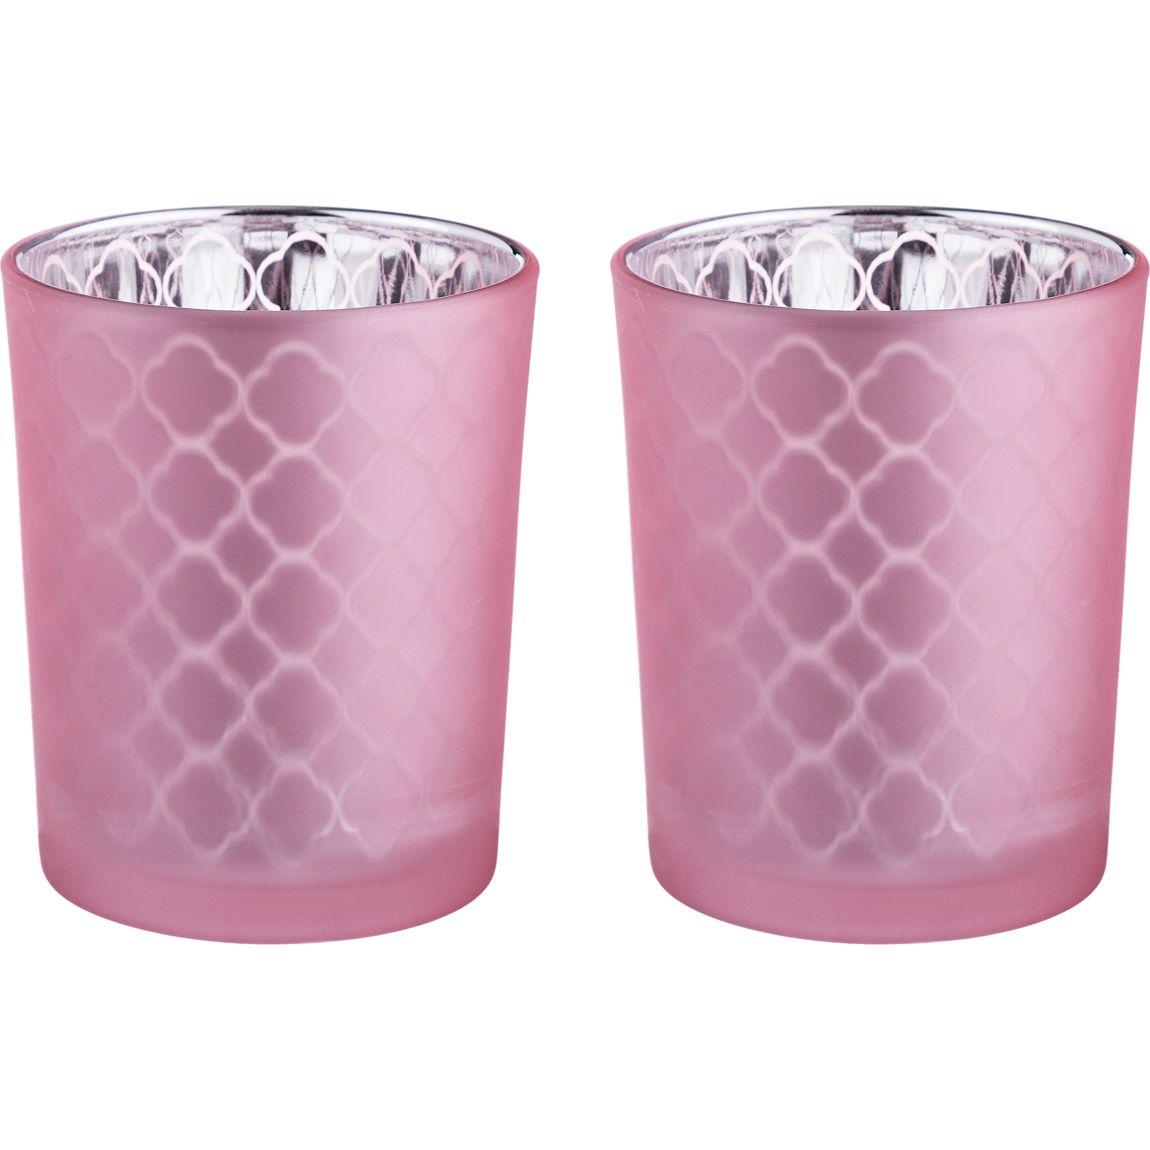 Купить Декоративные свечи Lefard, Подсвечник Armidale (6х7 см - 2 шт), Китай, Стекло